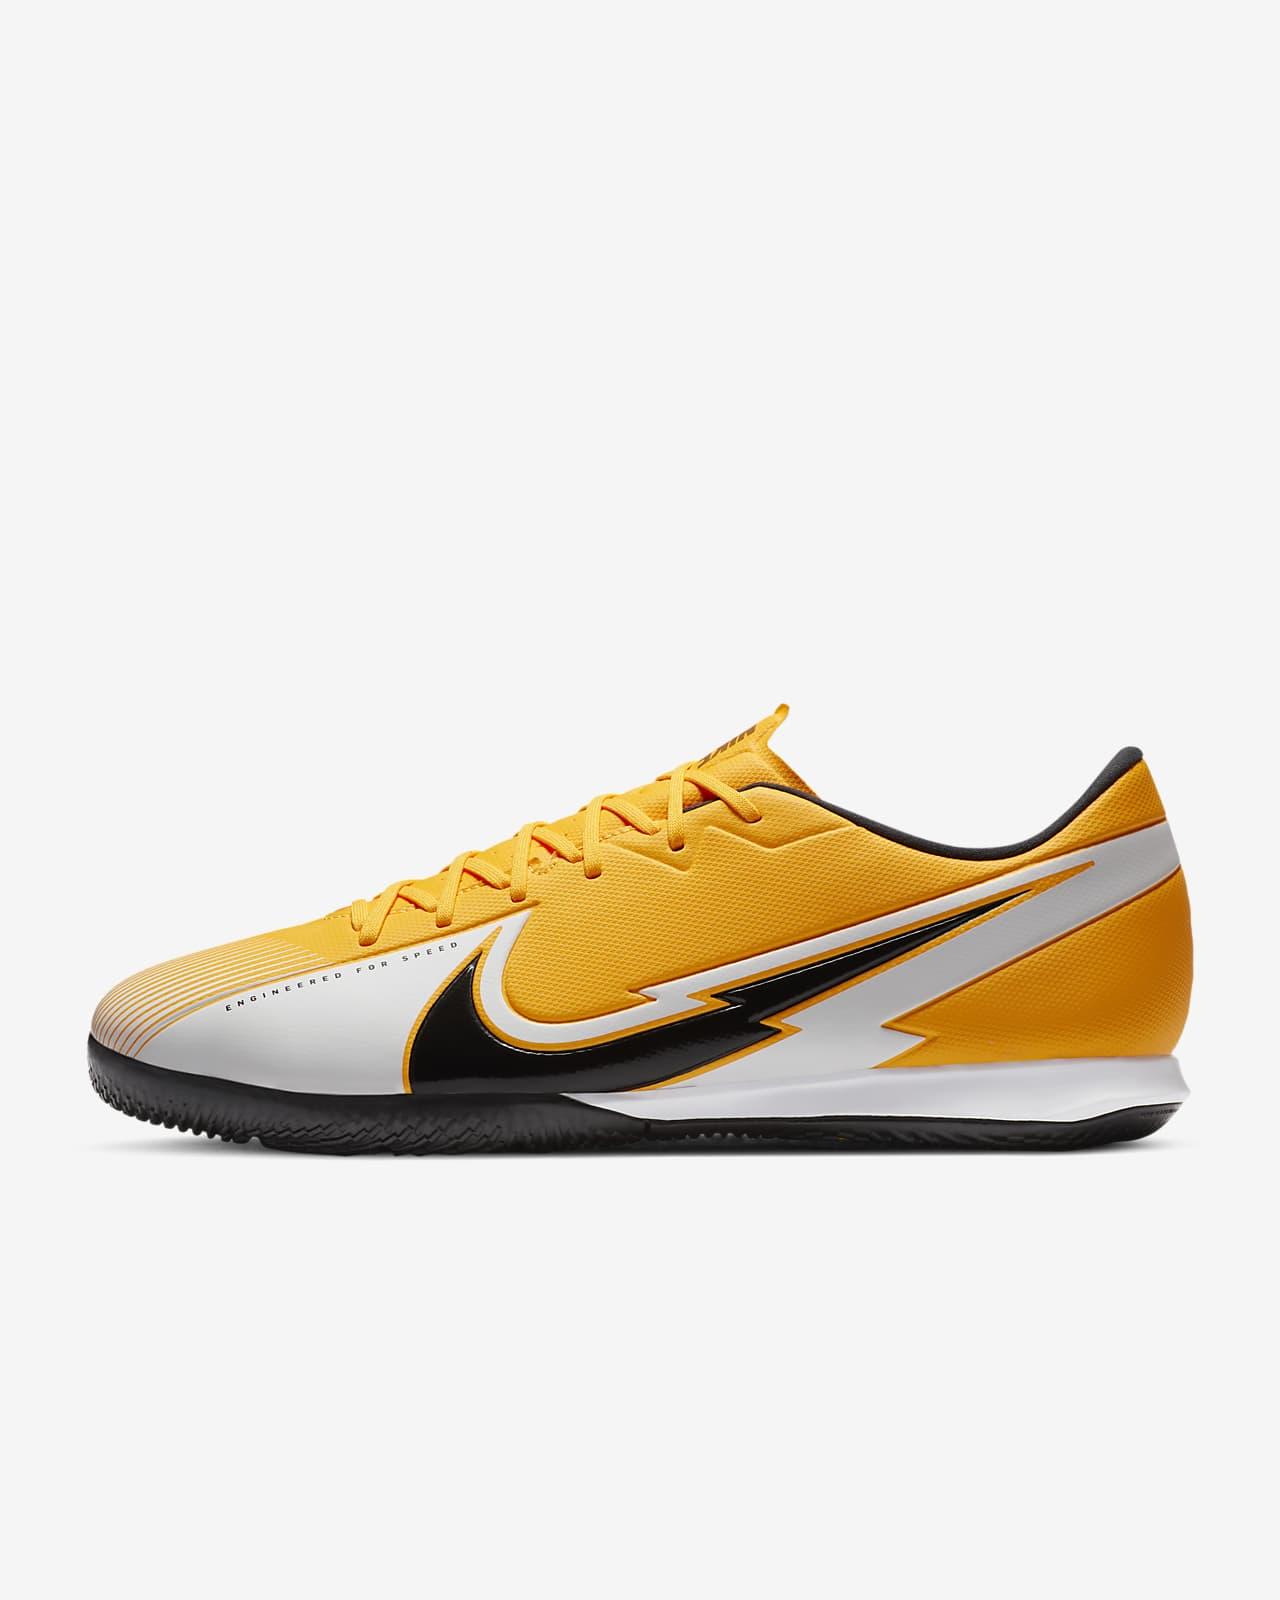 Halowe buty piłkarskie Nike Mercurial Vapor 13 Academy IC